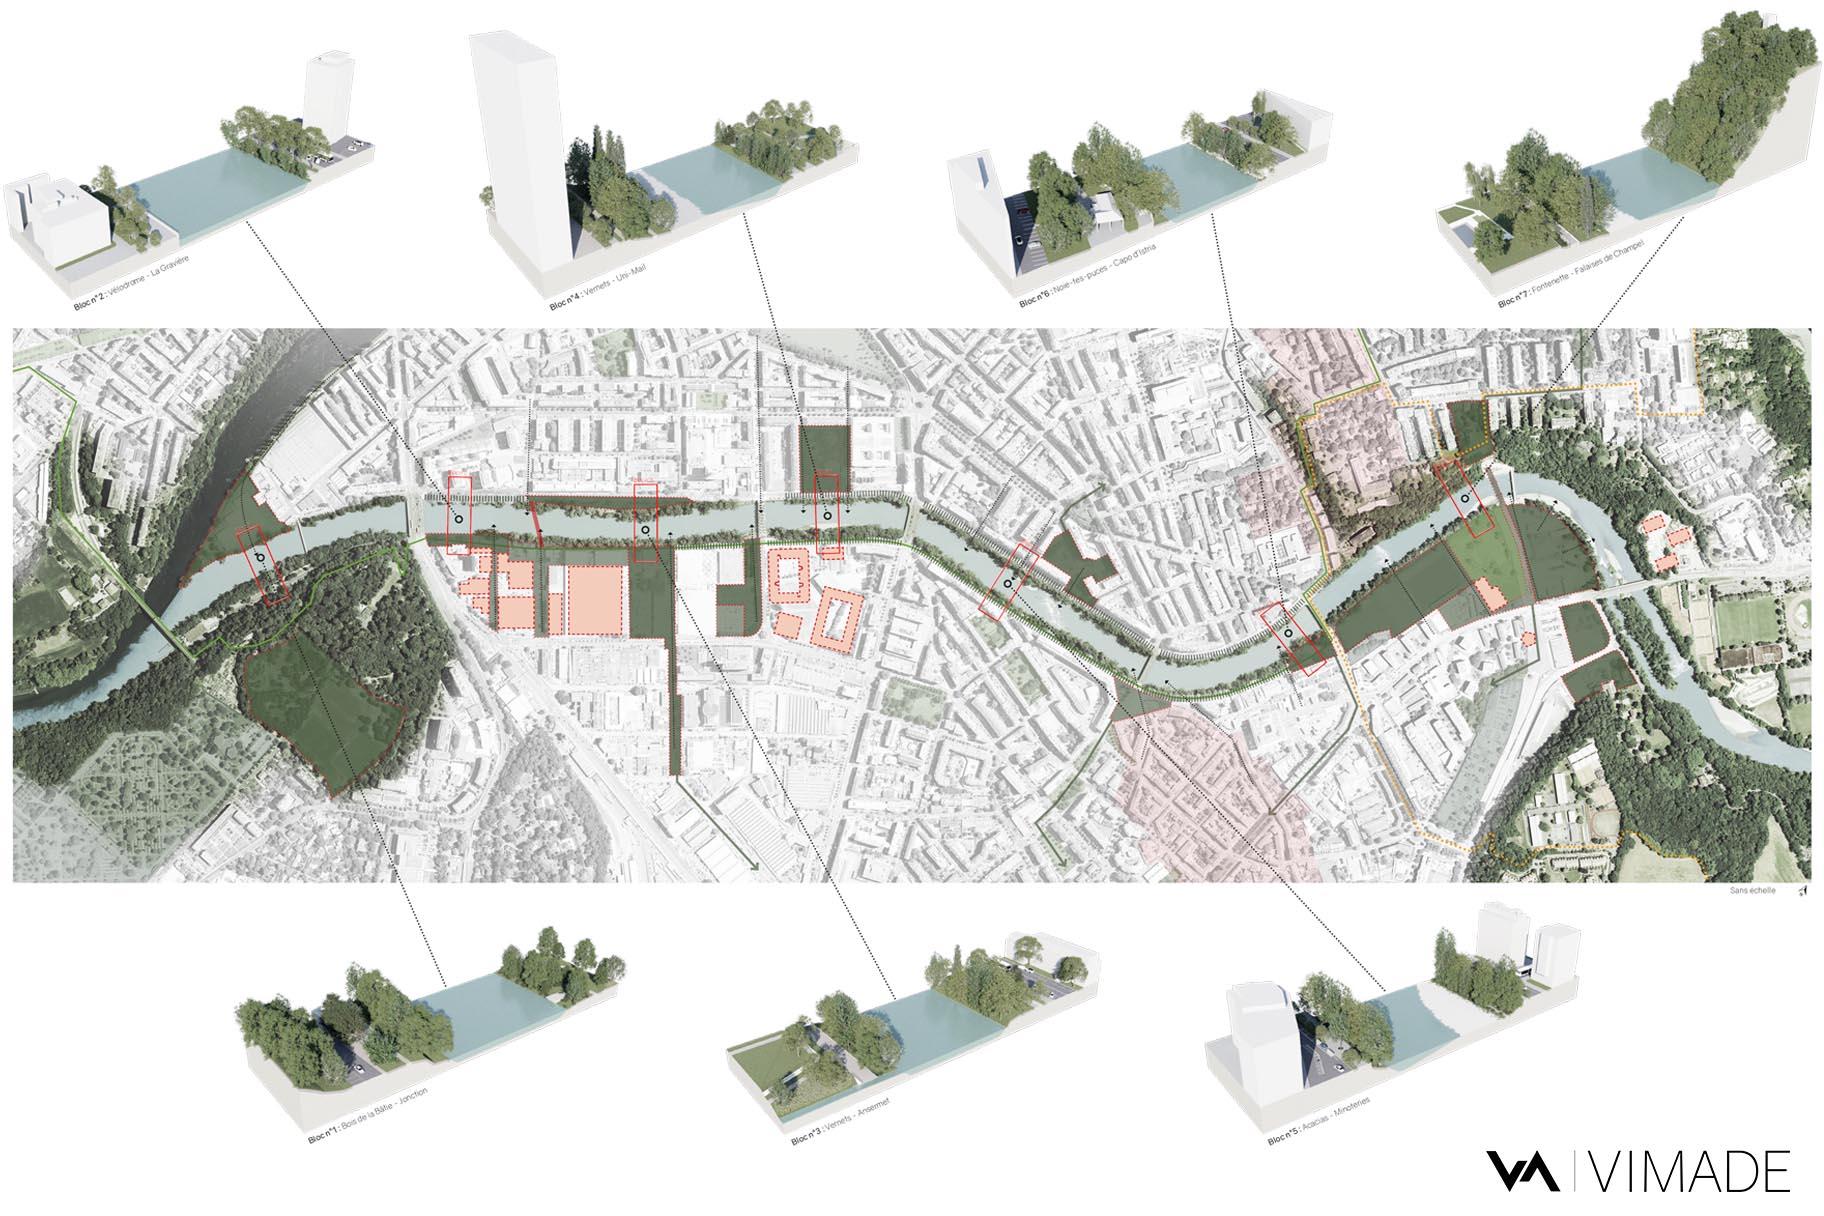 etude-territoriale-paysagère-geneve-arve-penetrante-verdure-urbanisme-rhone-jonction-trame-architecture-paysage-vimade-architectes-paysagistes-associés